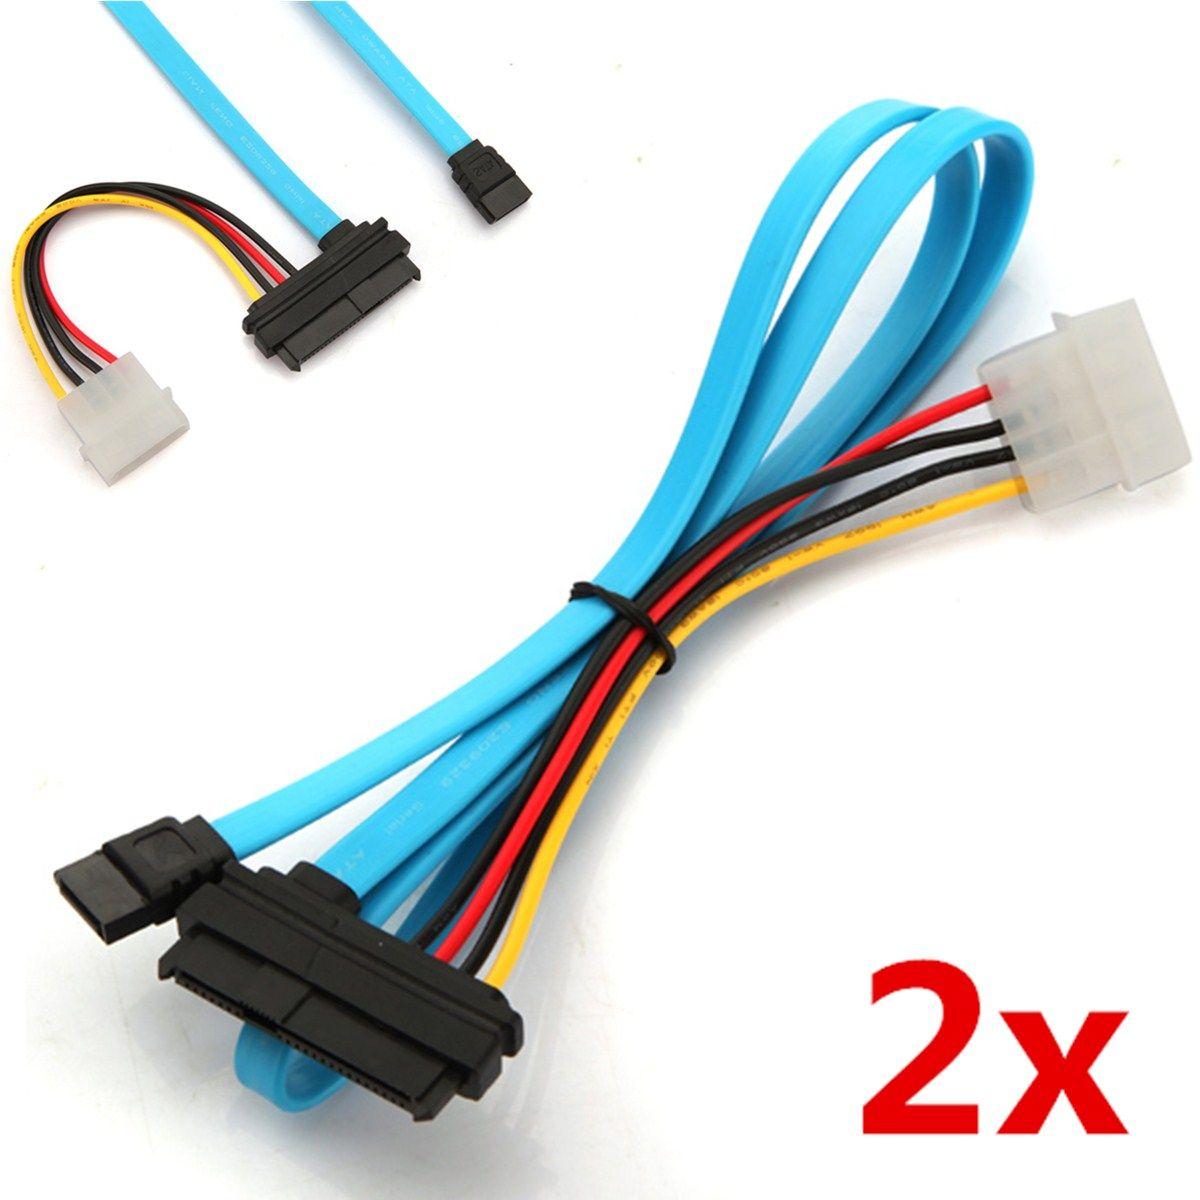 2 pcs 7 Pin SATA Serial Female ATA to SAS 29 Pin Connector Cable & 4 ...